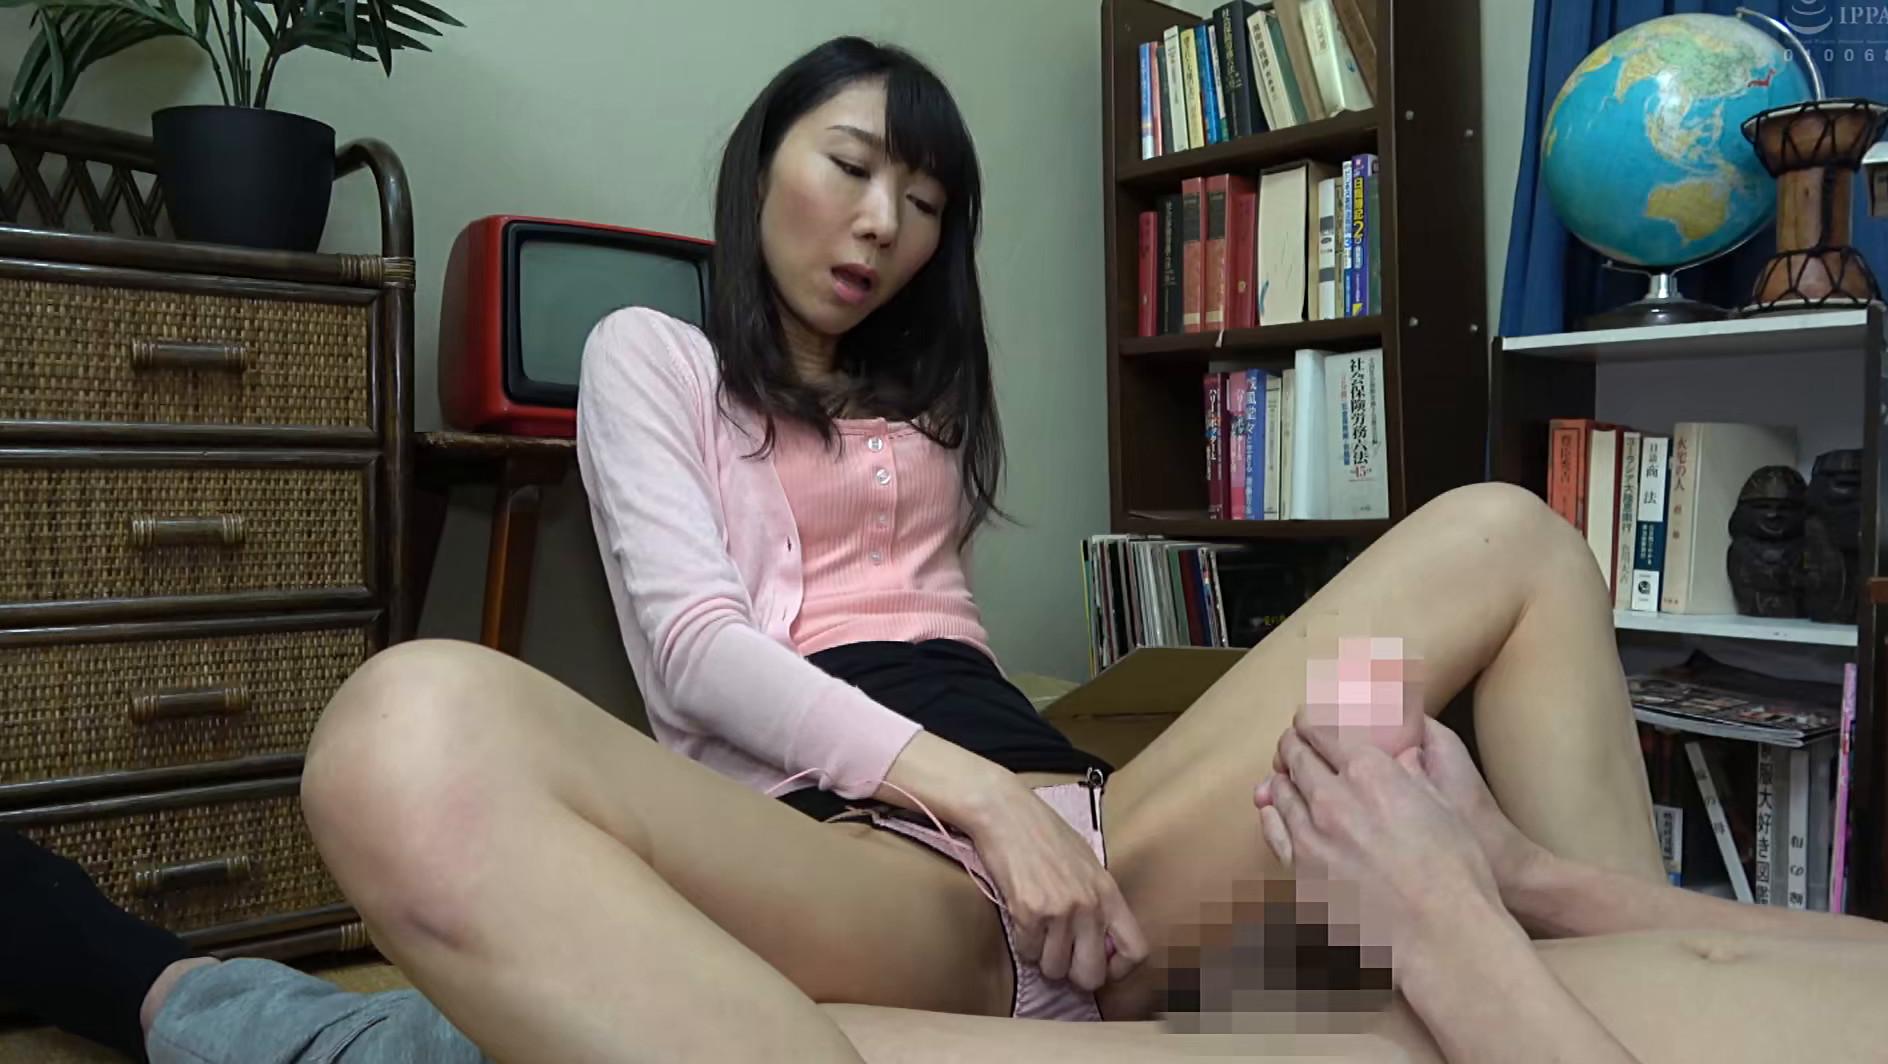 子供部屋おじさん(35歳無職の息子)を性処理する義母 森田紅音 画像15